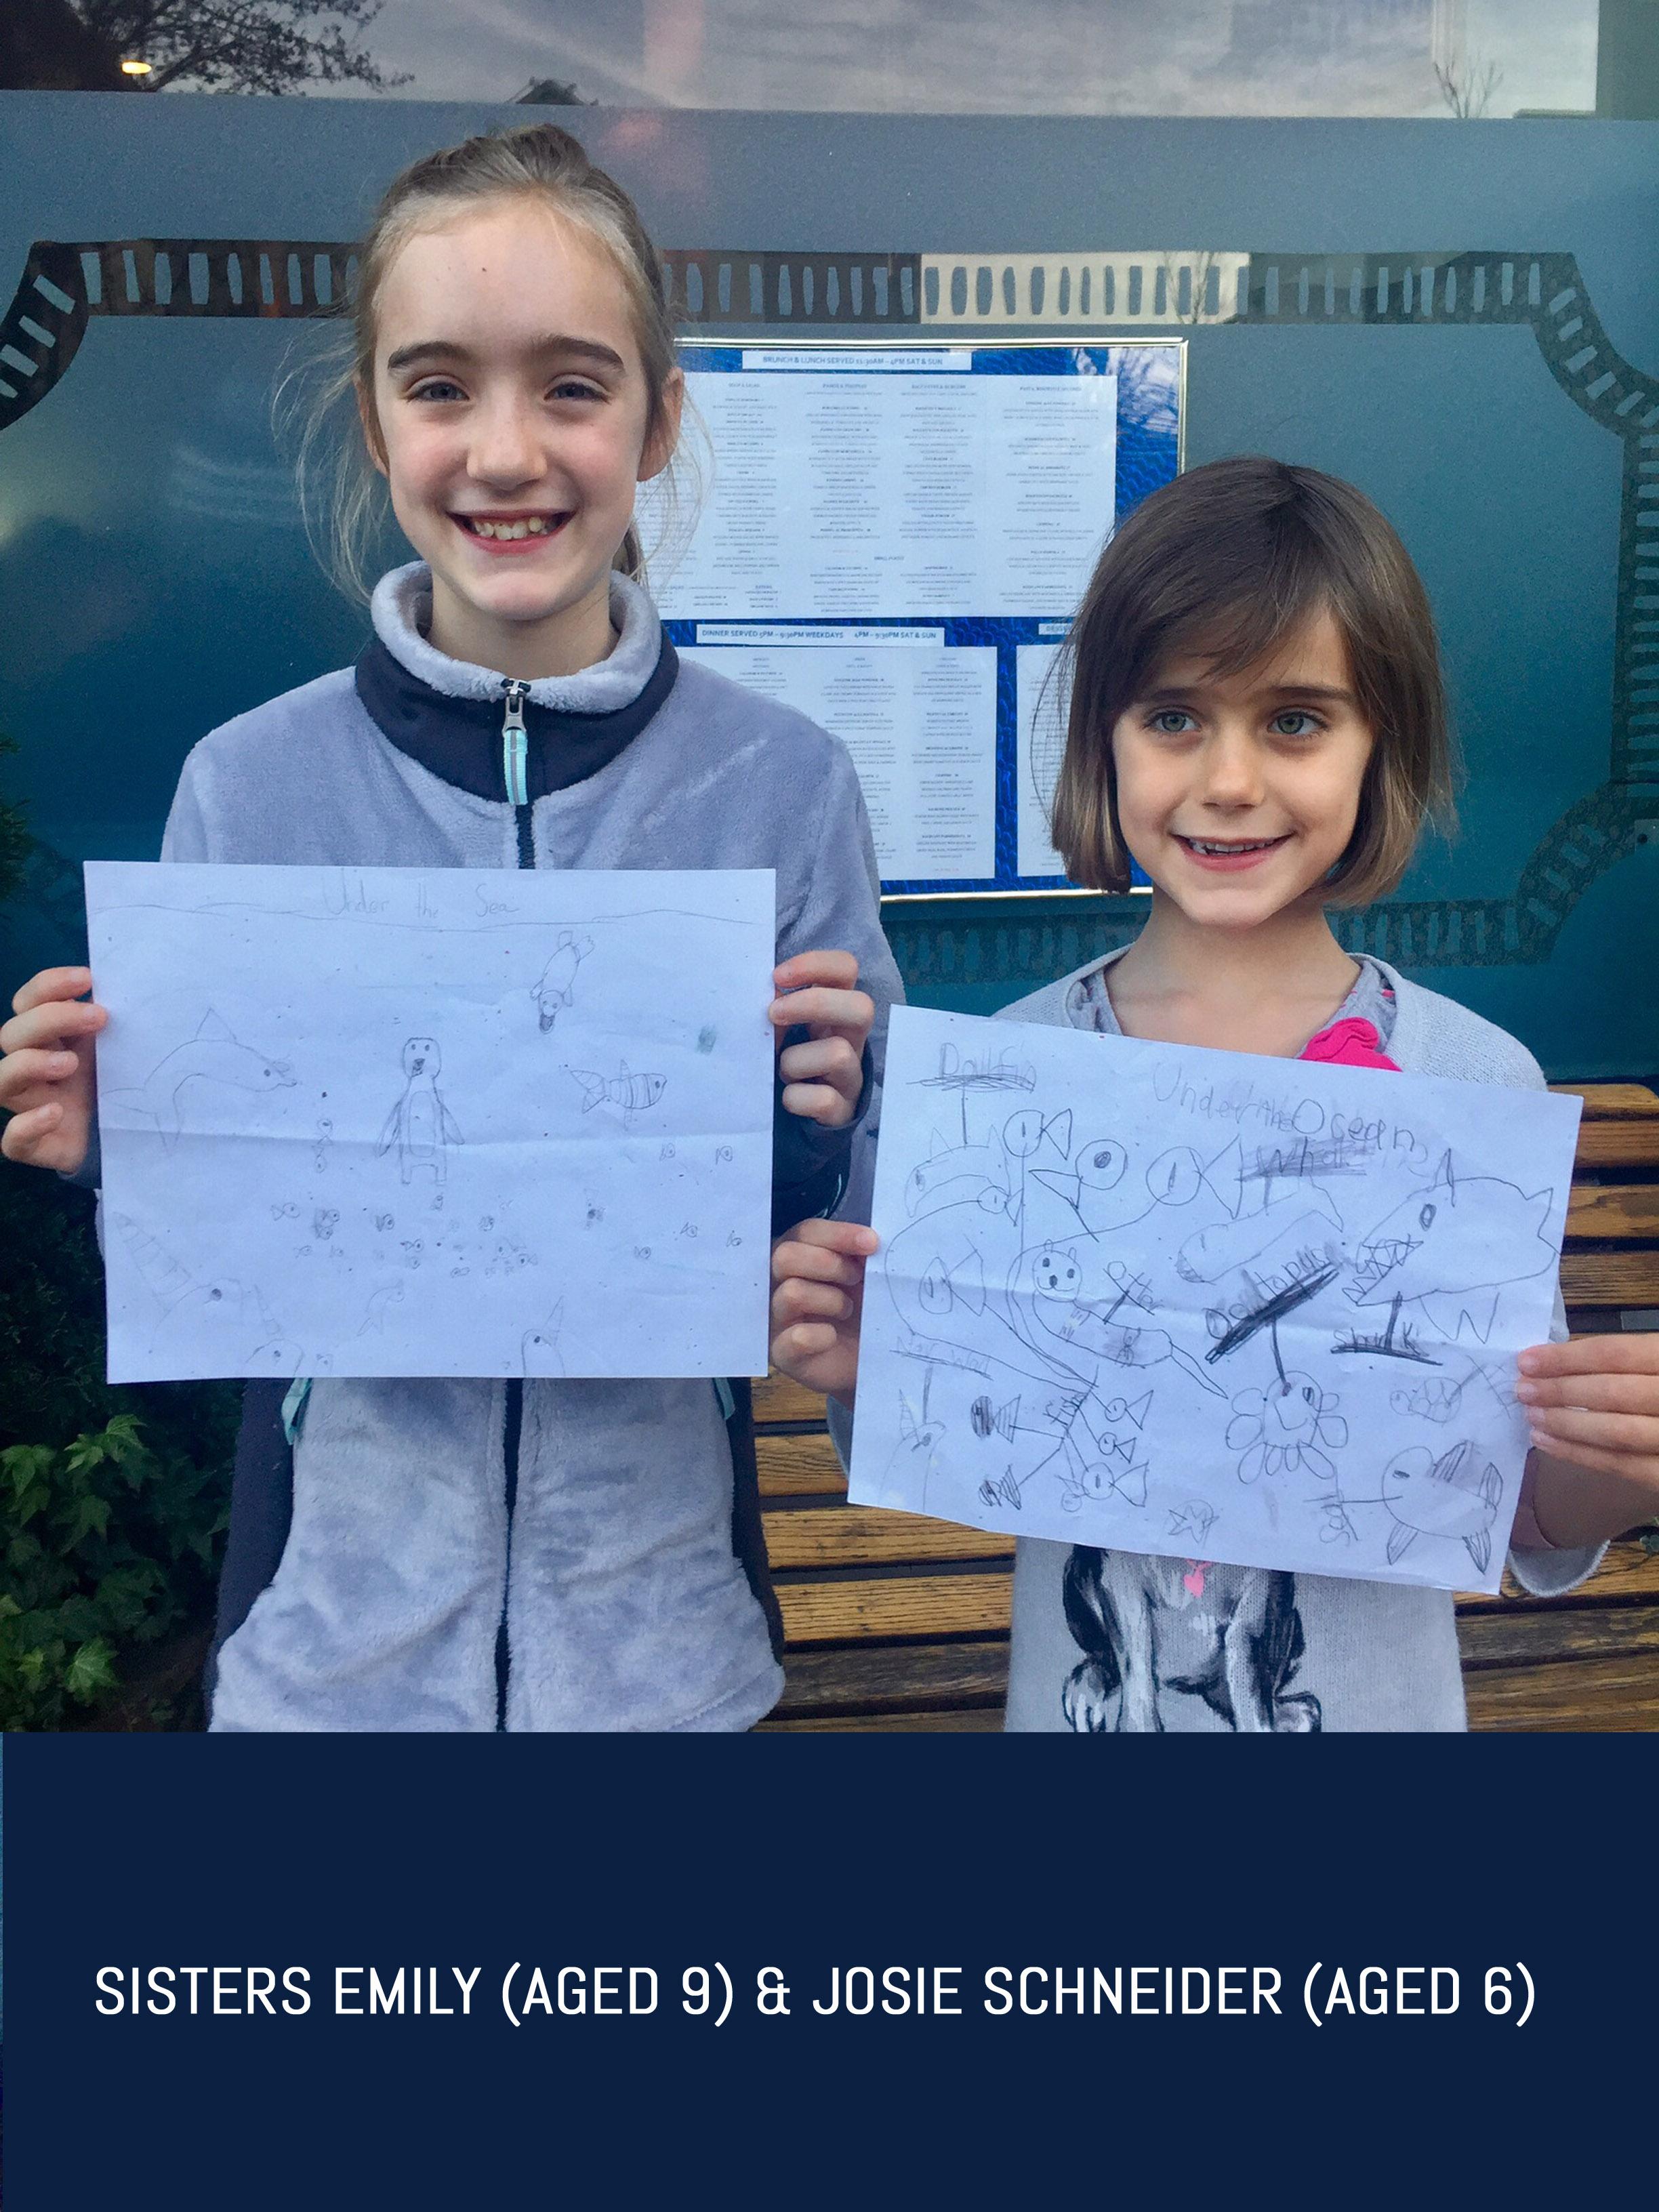 Sisters Emily (aged 9) & Josie Schneider (aged 6).